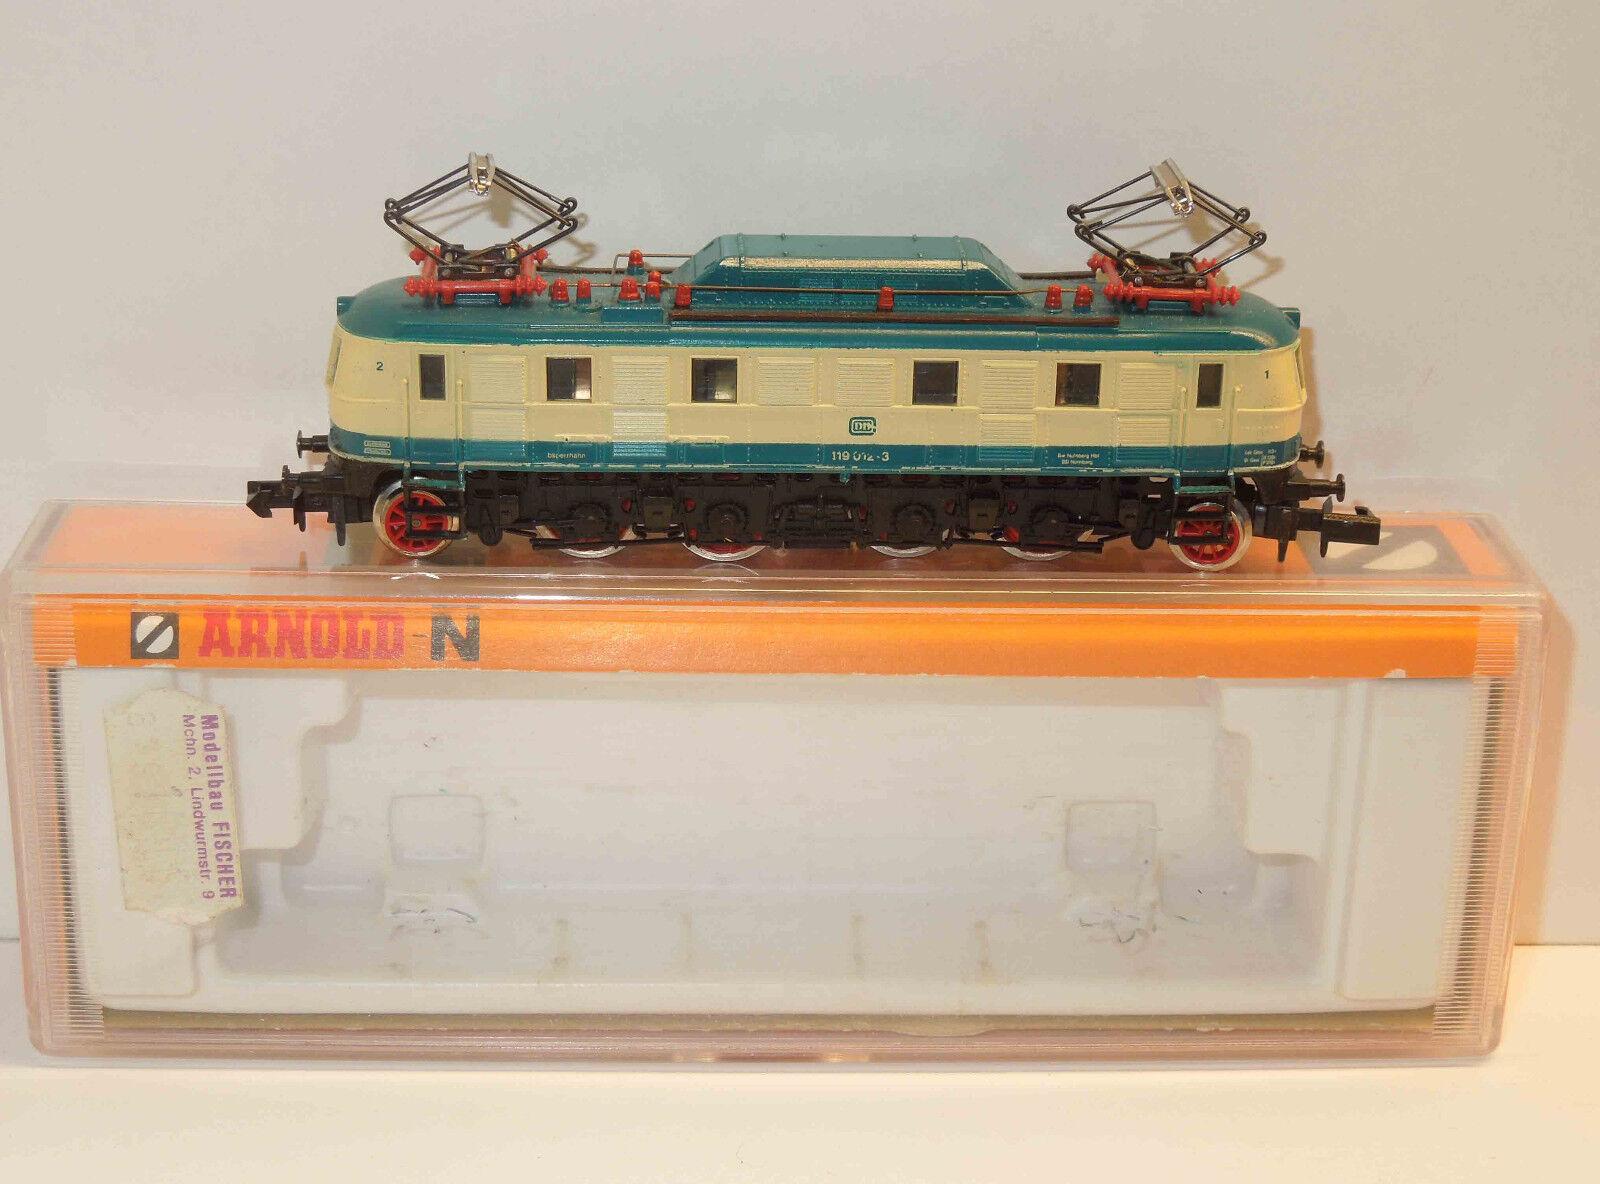 tienda de bajo costo Arnold pista n 2452 e-Lok e-Lok e-Lok br 119 de la DB azul beige  ganancia cero